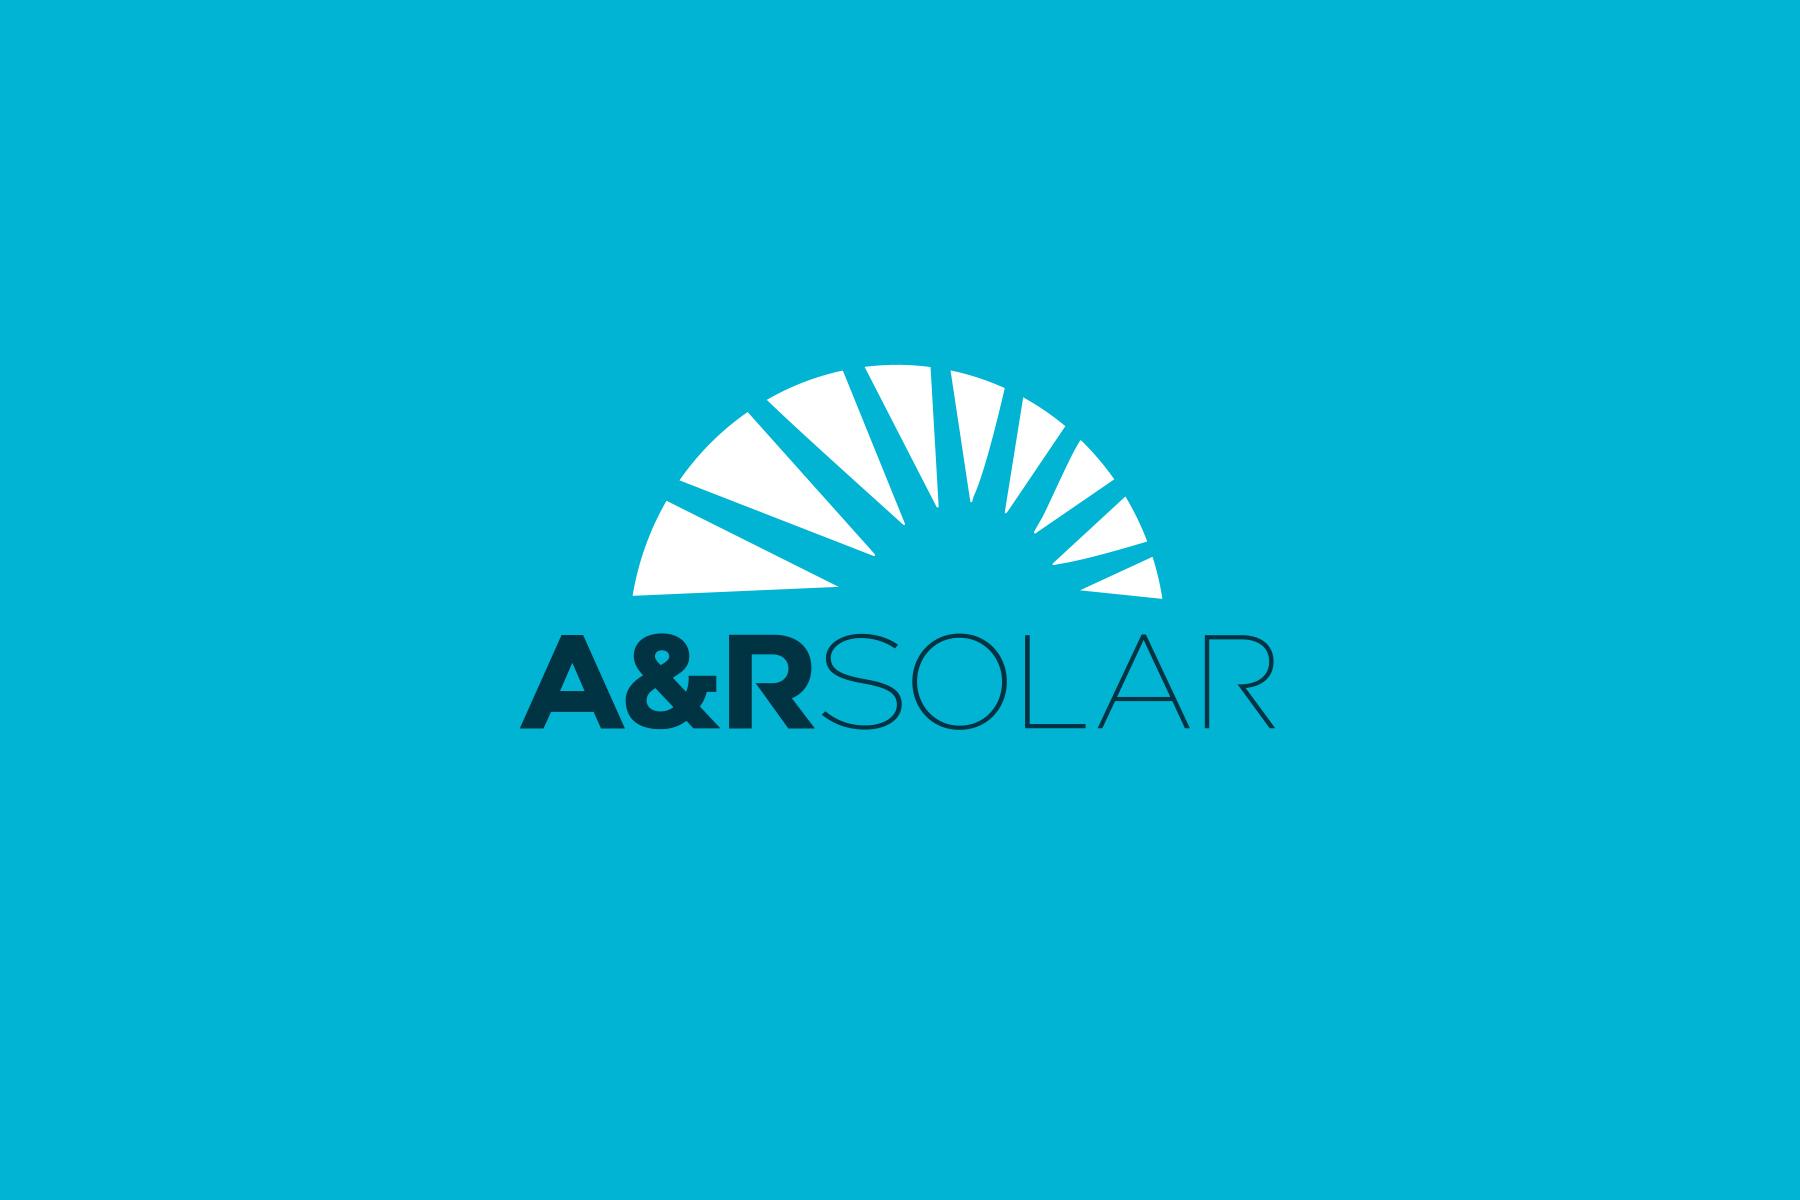 SOLAR_1.jpg